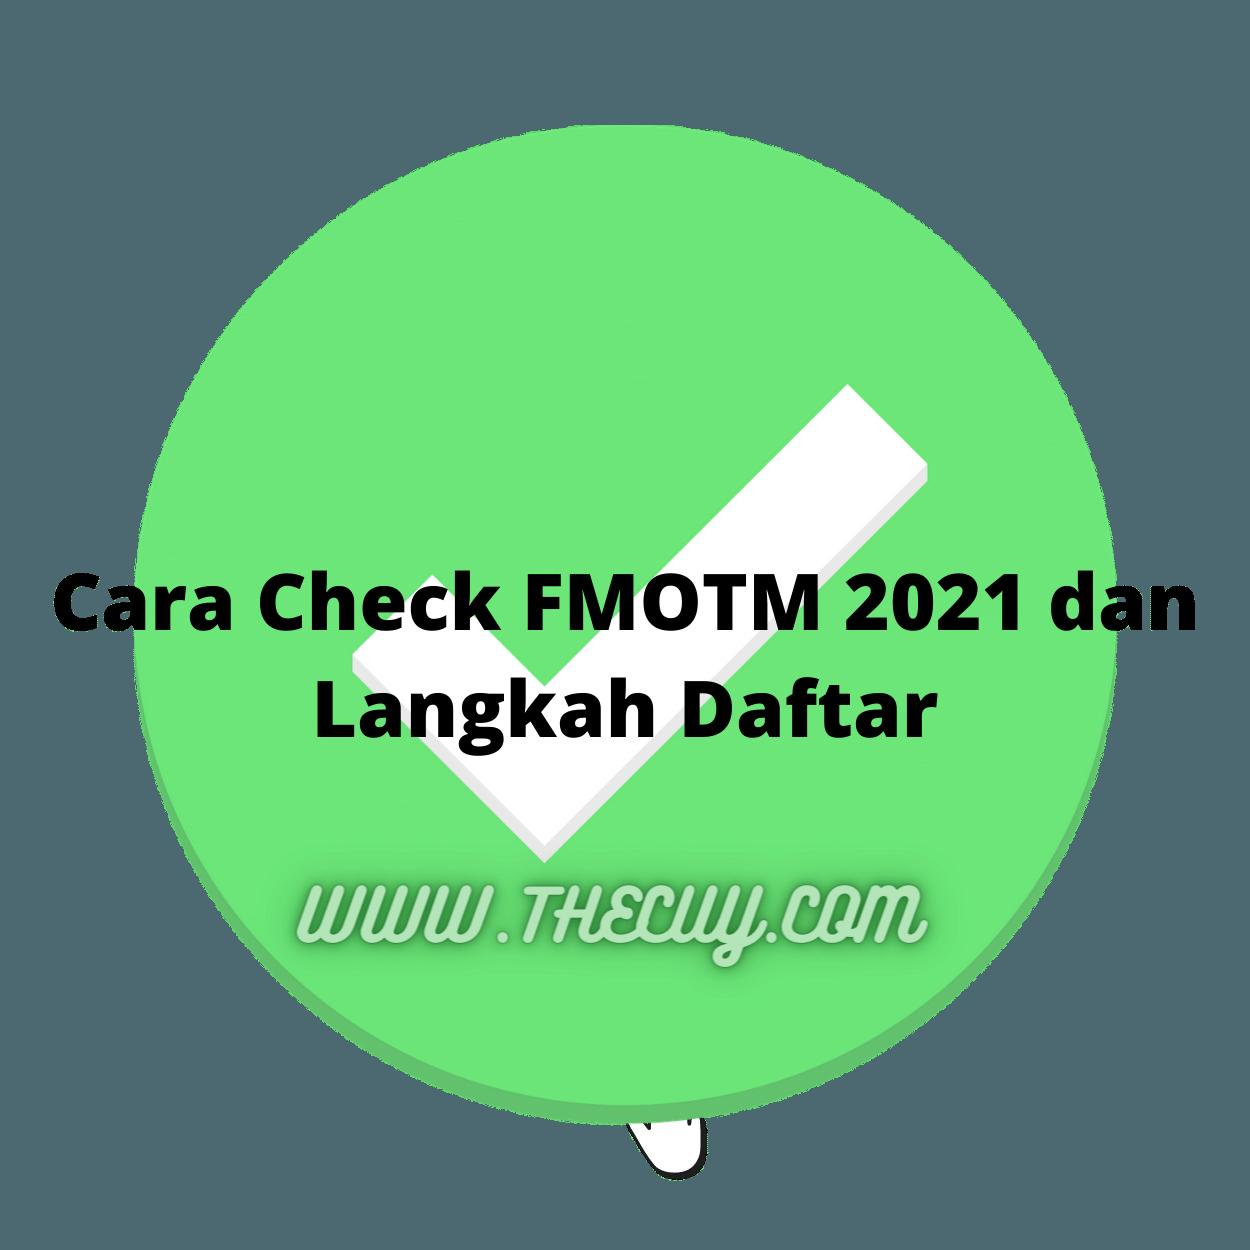 Cara Check FMOTM 2021 dan Langkah Daftar